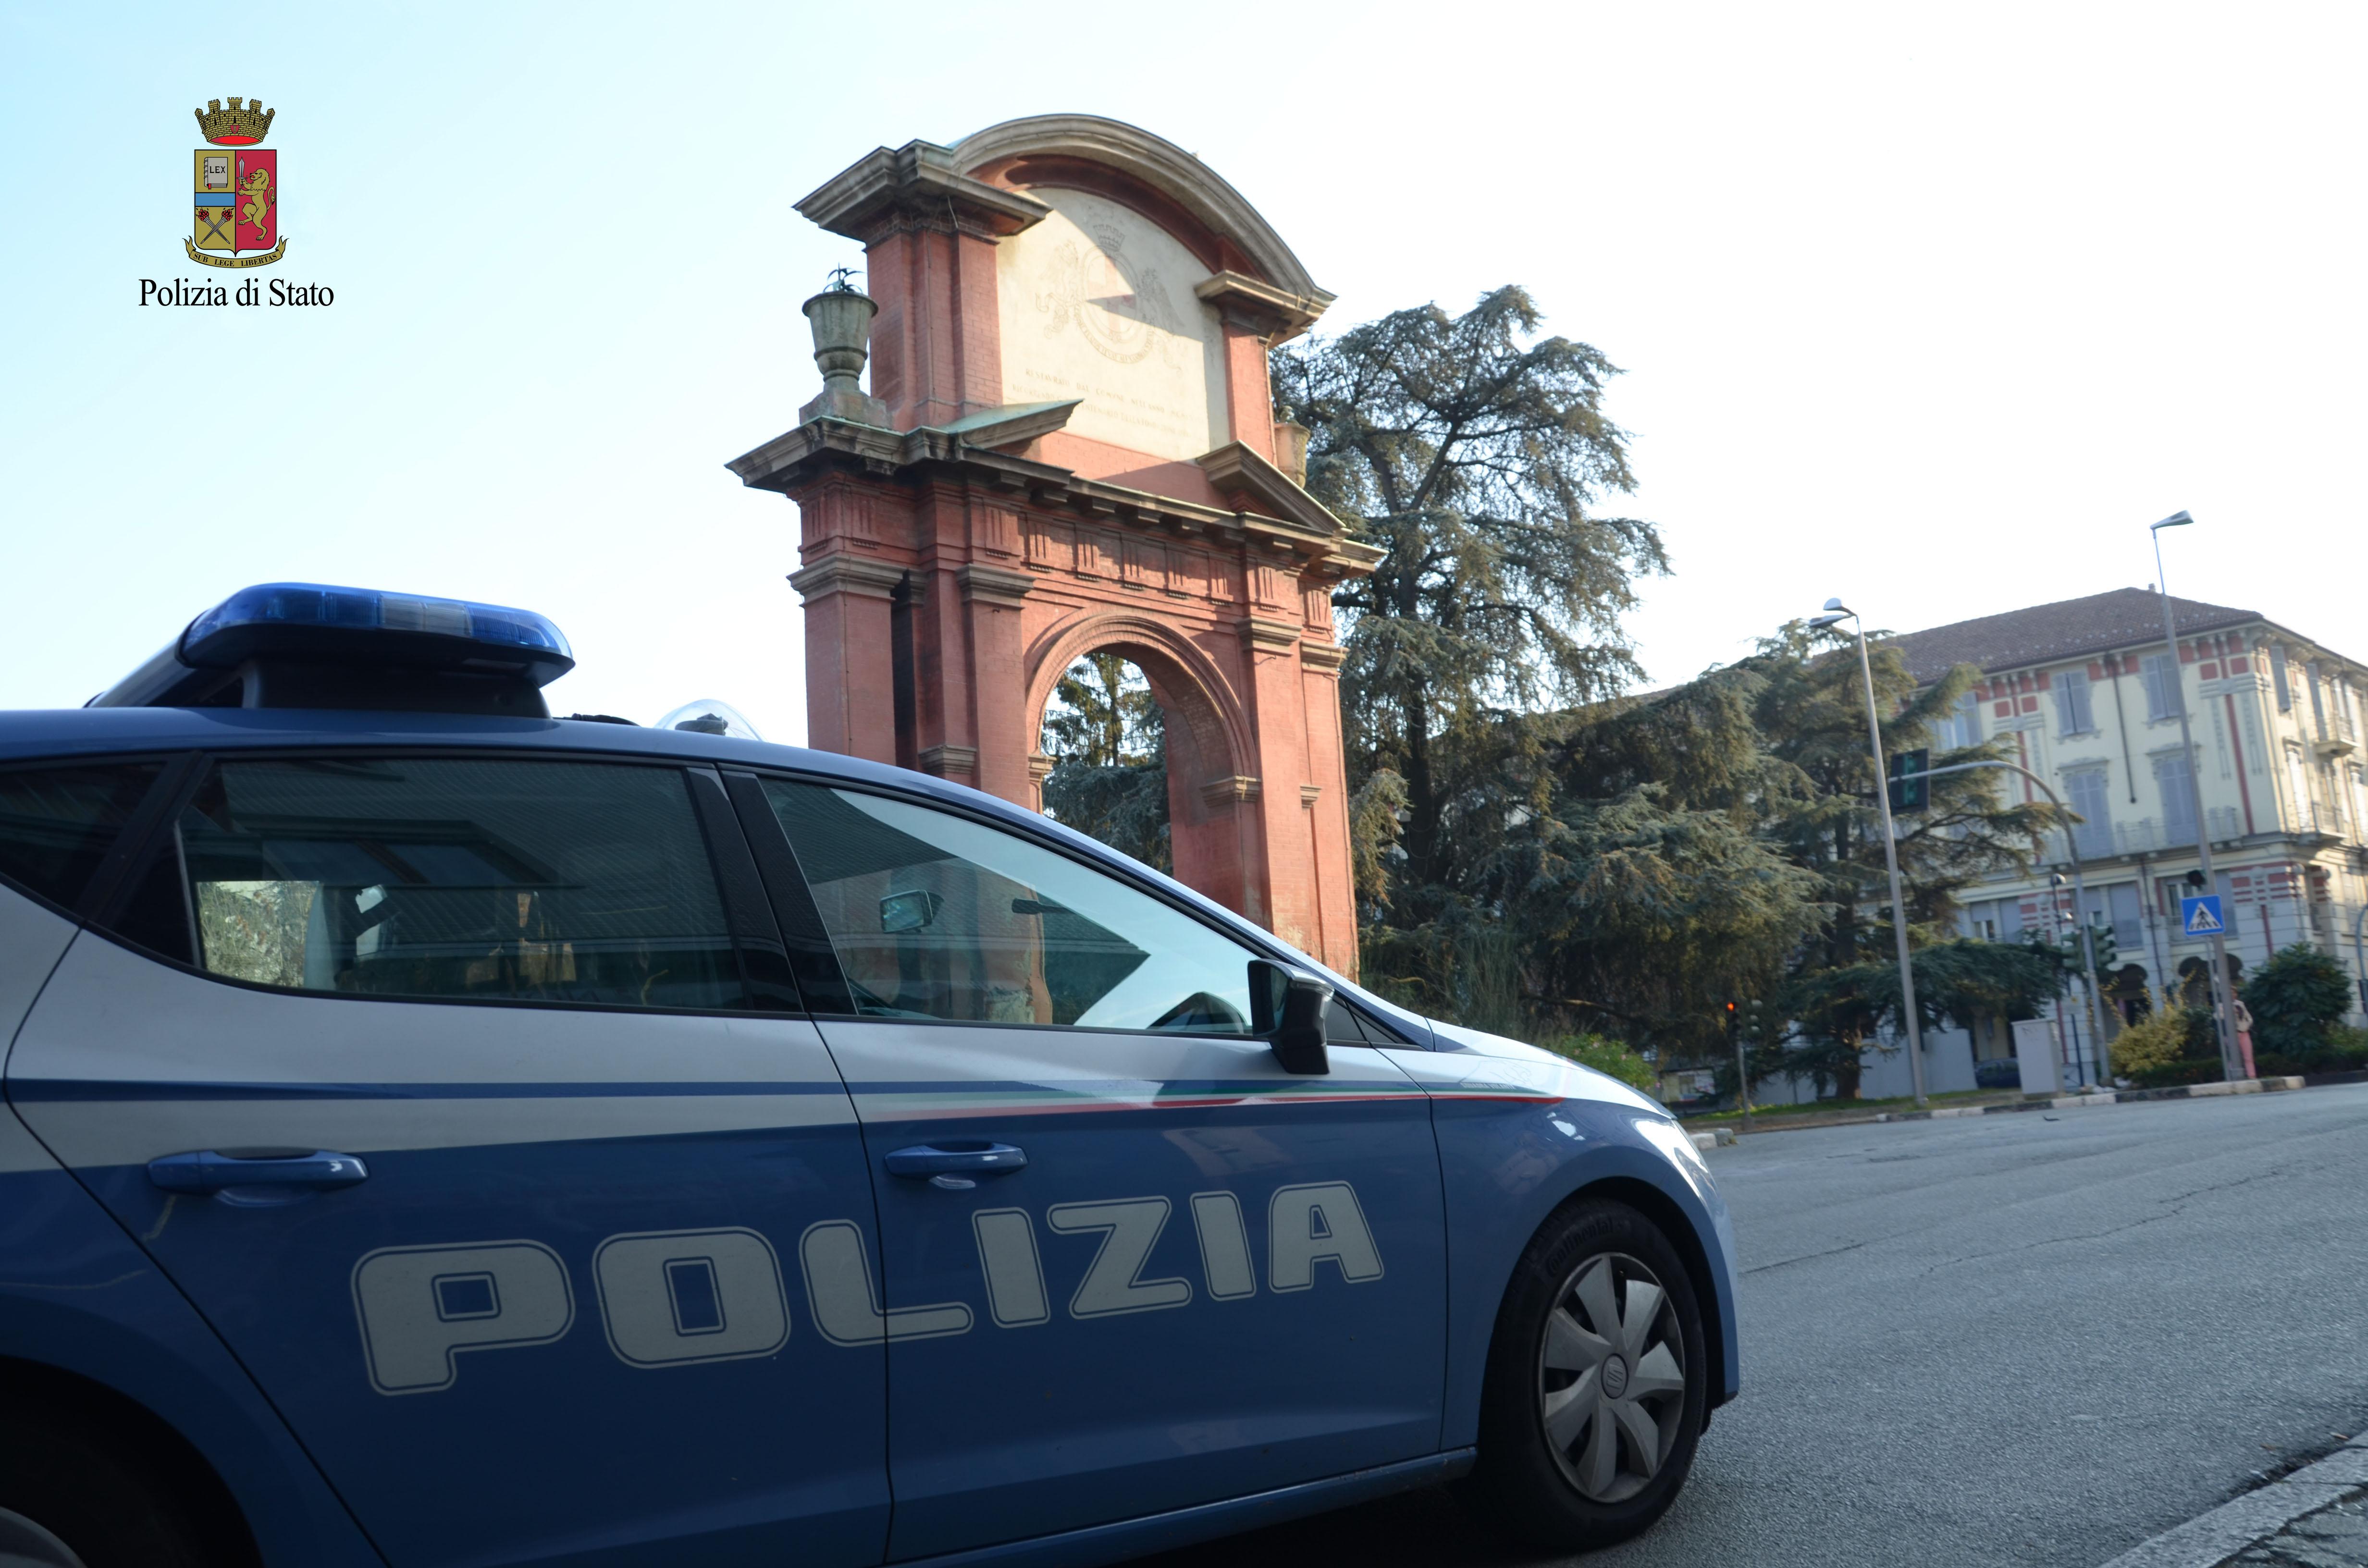 Polizia di stato questure sul web alessandria for Polizia stato permesso di soggiorno